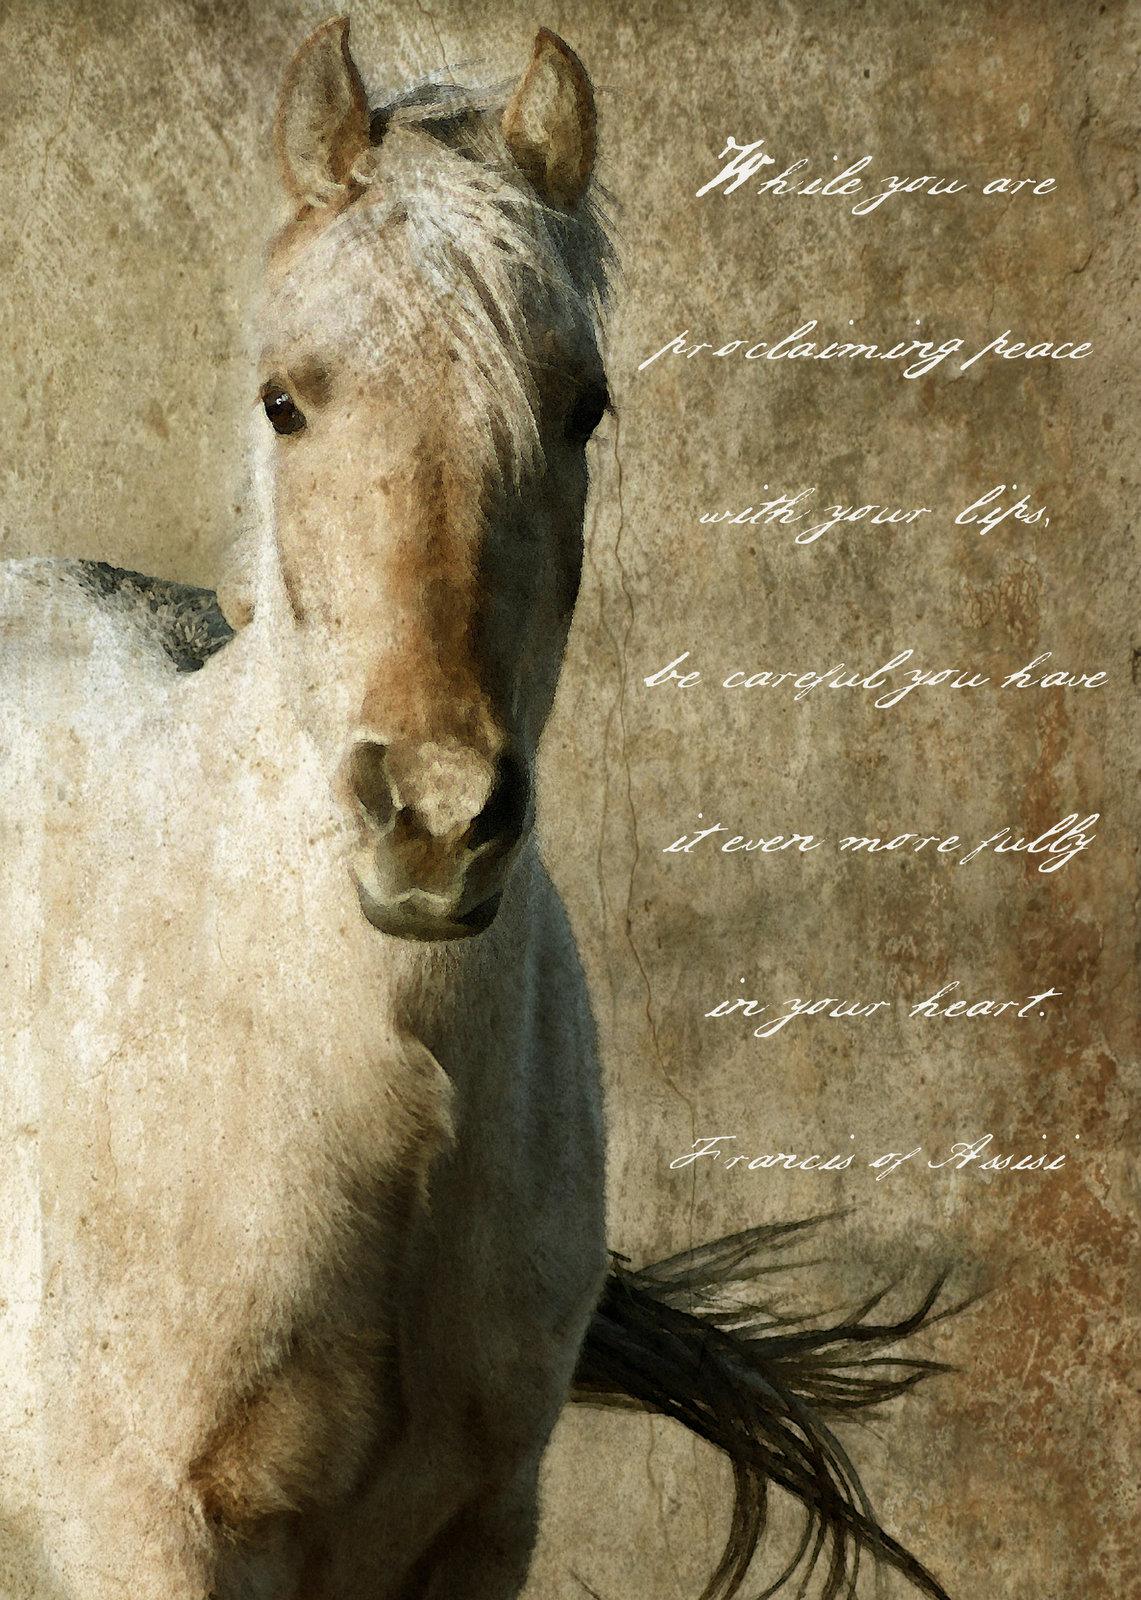 Horse x ygkjld